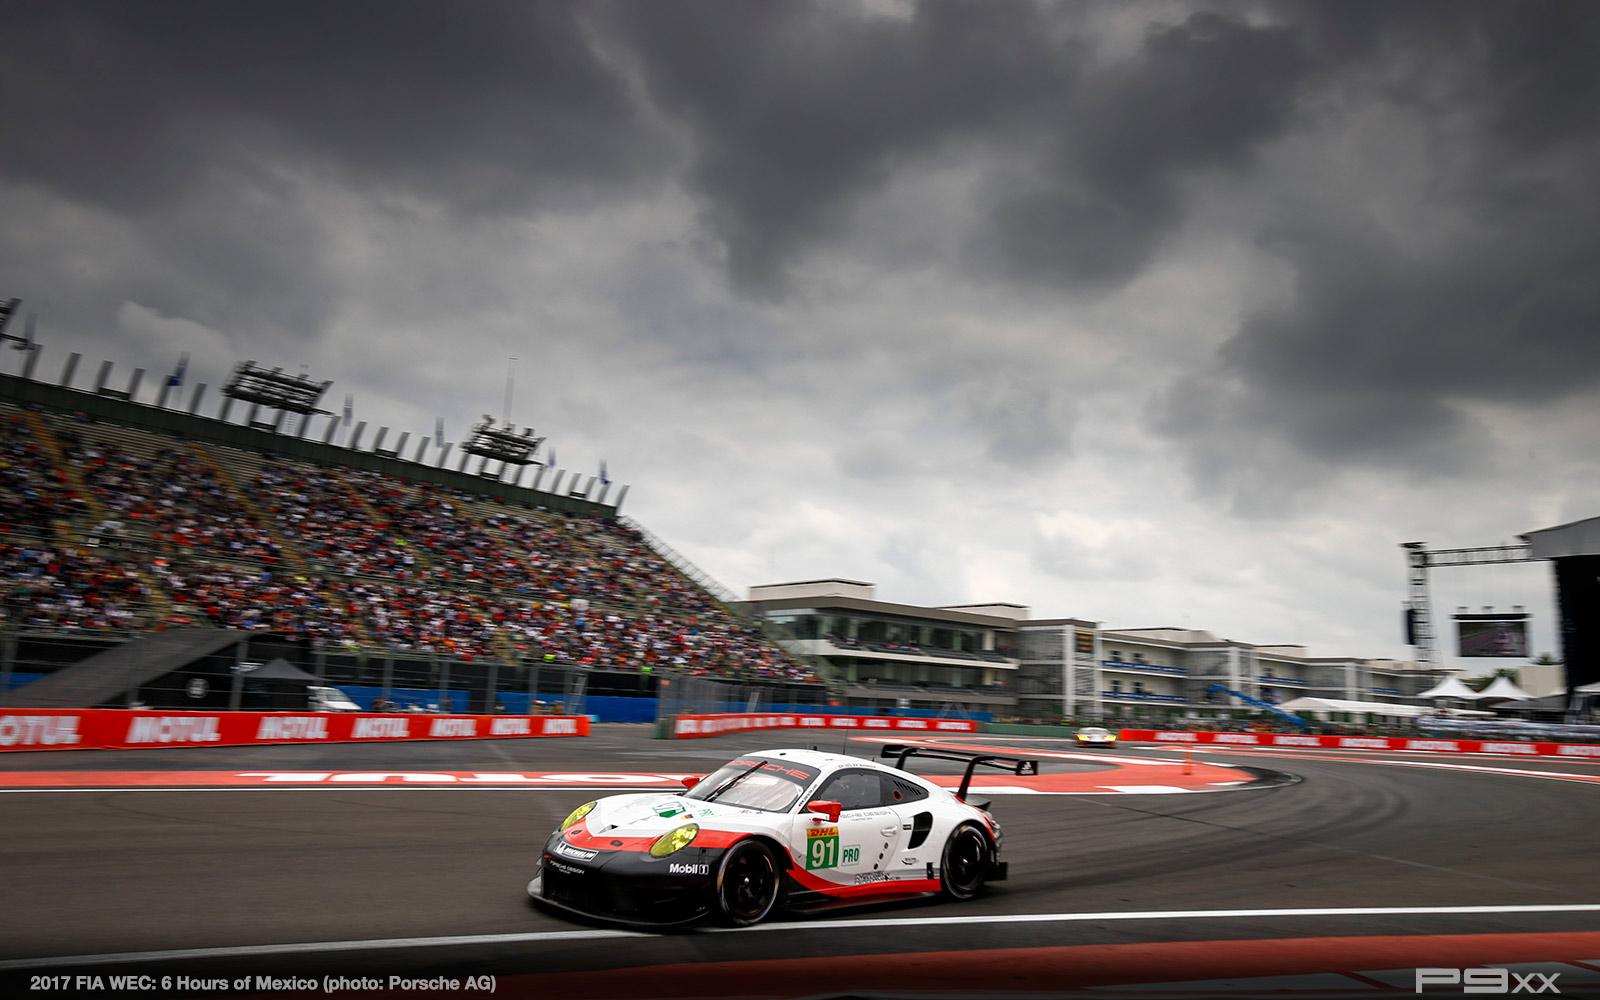 2017-FIA-WEC-6-HOURS-MEXICO-PORSCHE-1362